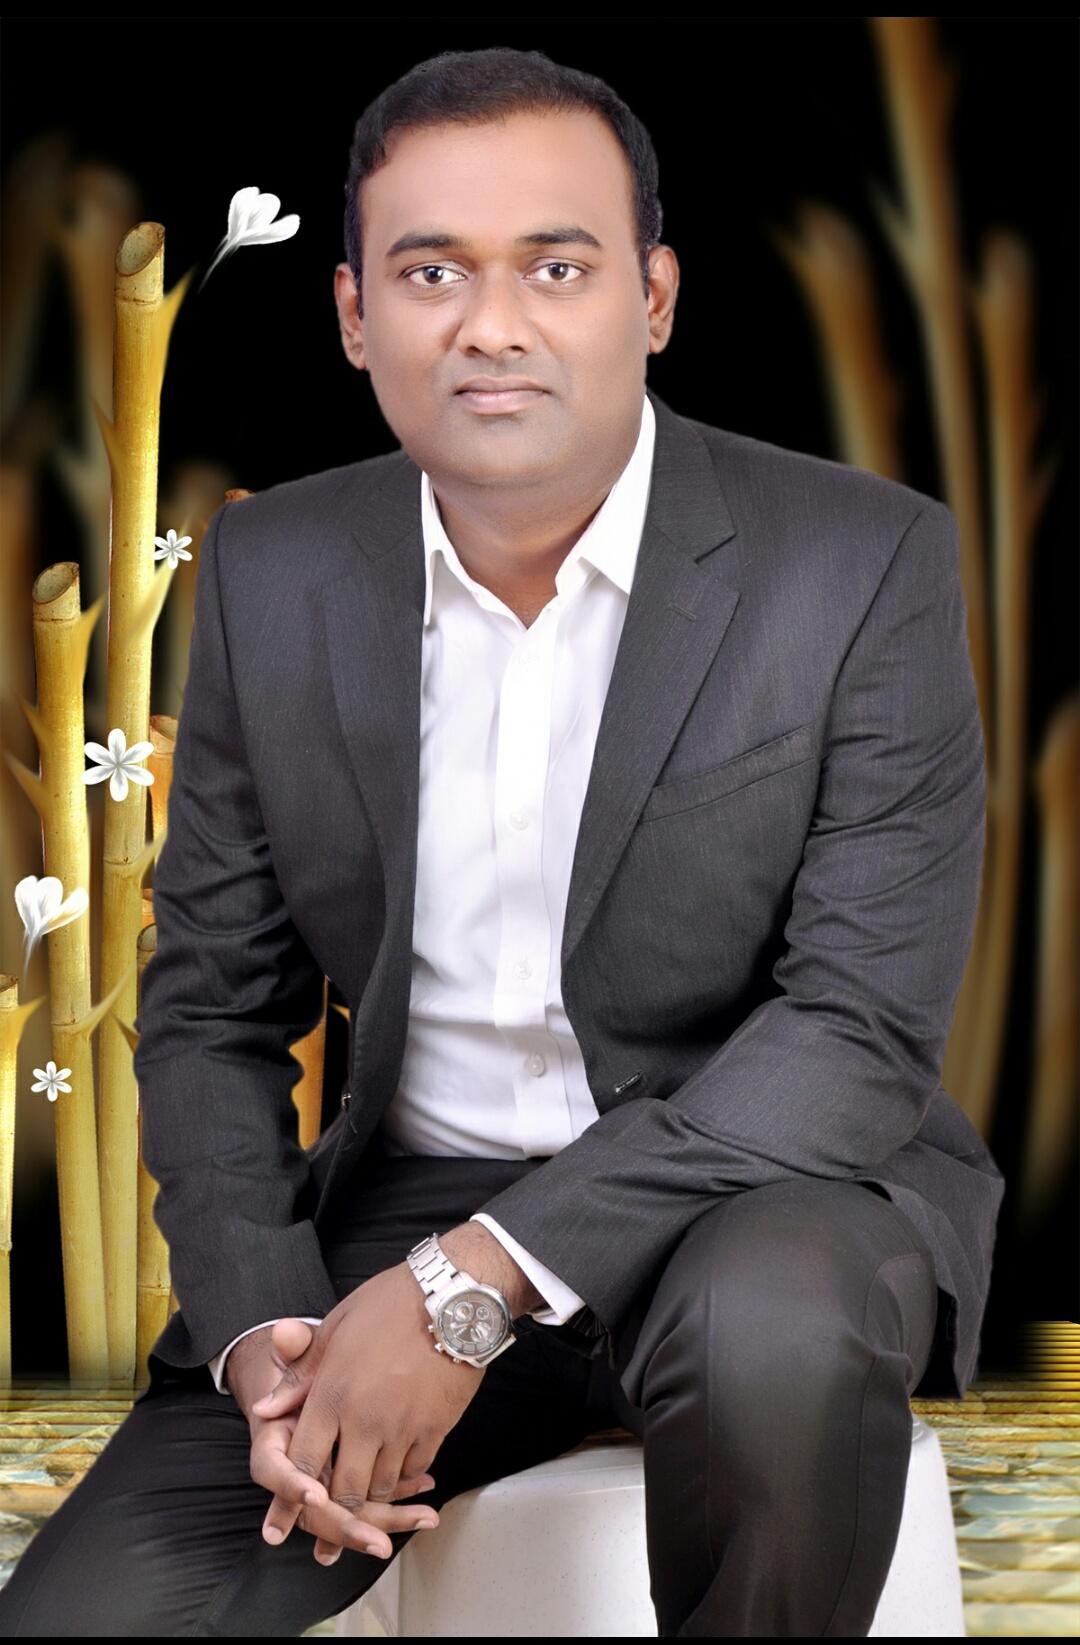 Dr. Shailesh Kashinath Palaskar